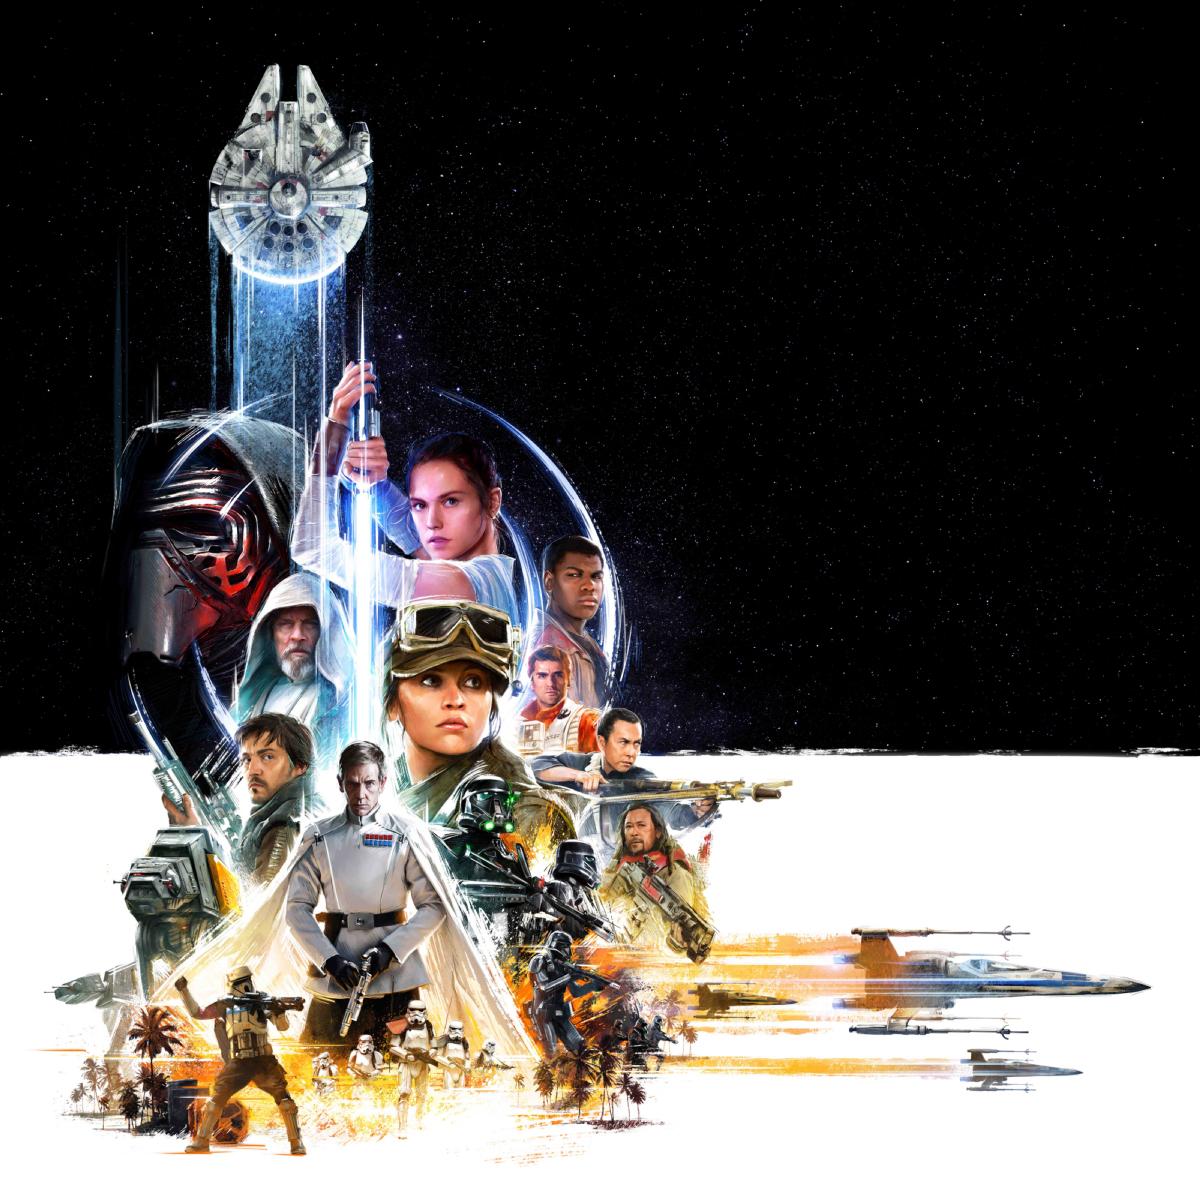 Star-Wars-Celebration-poster-large